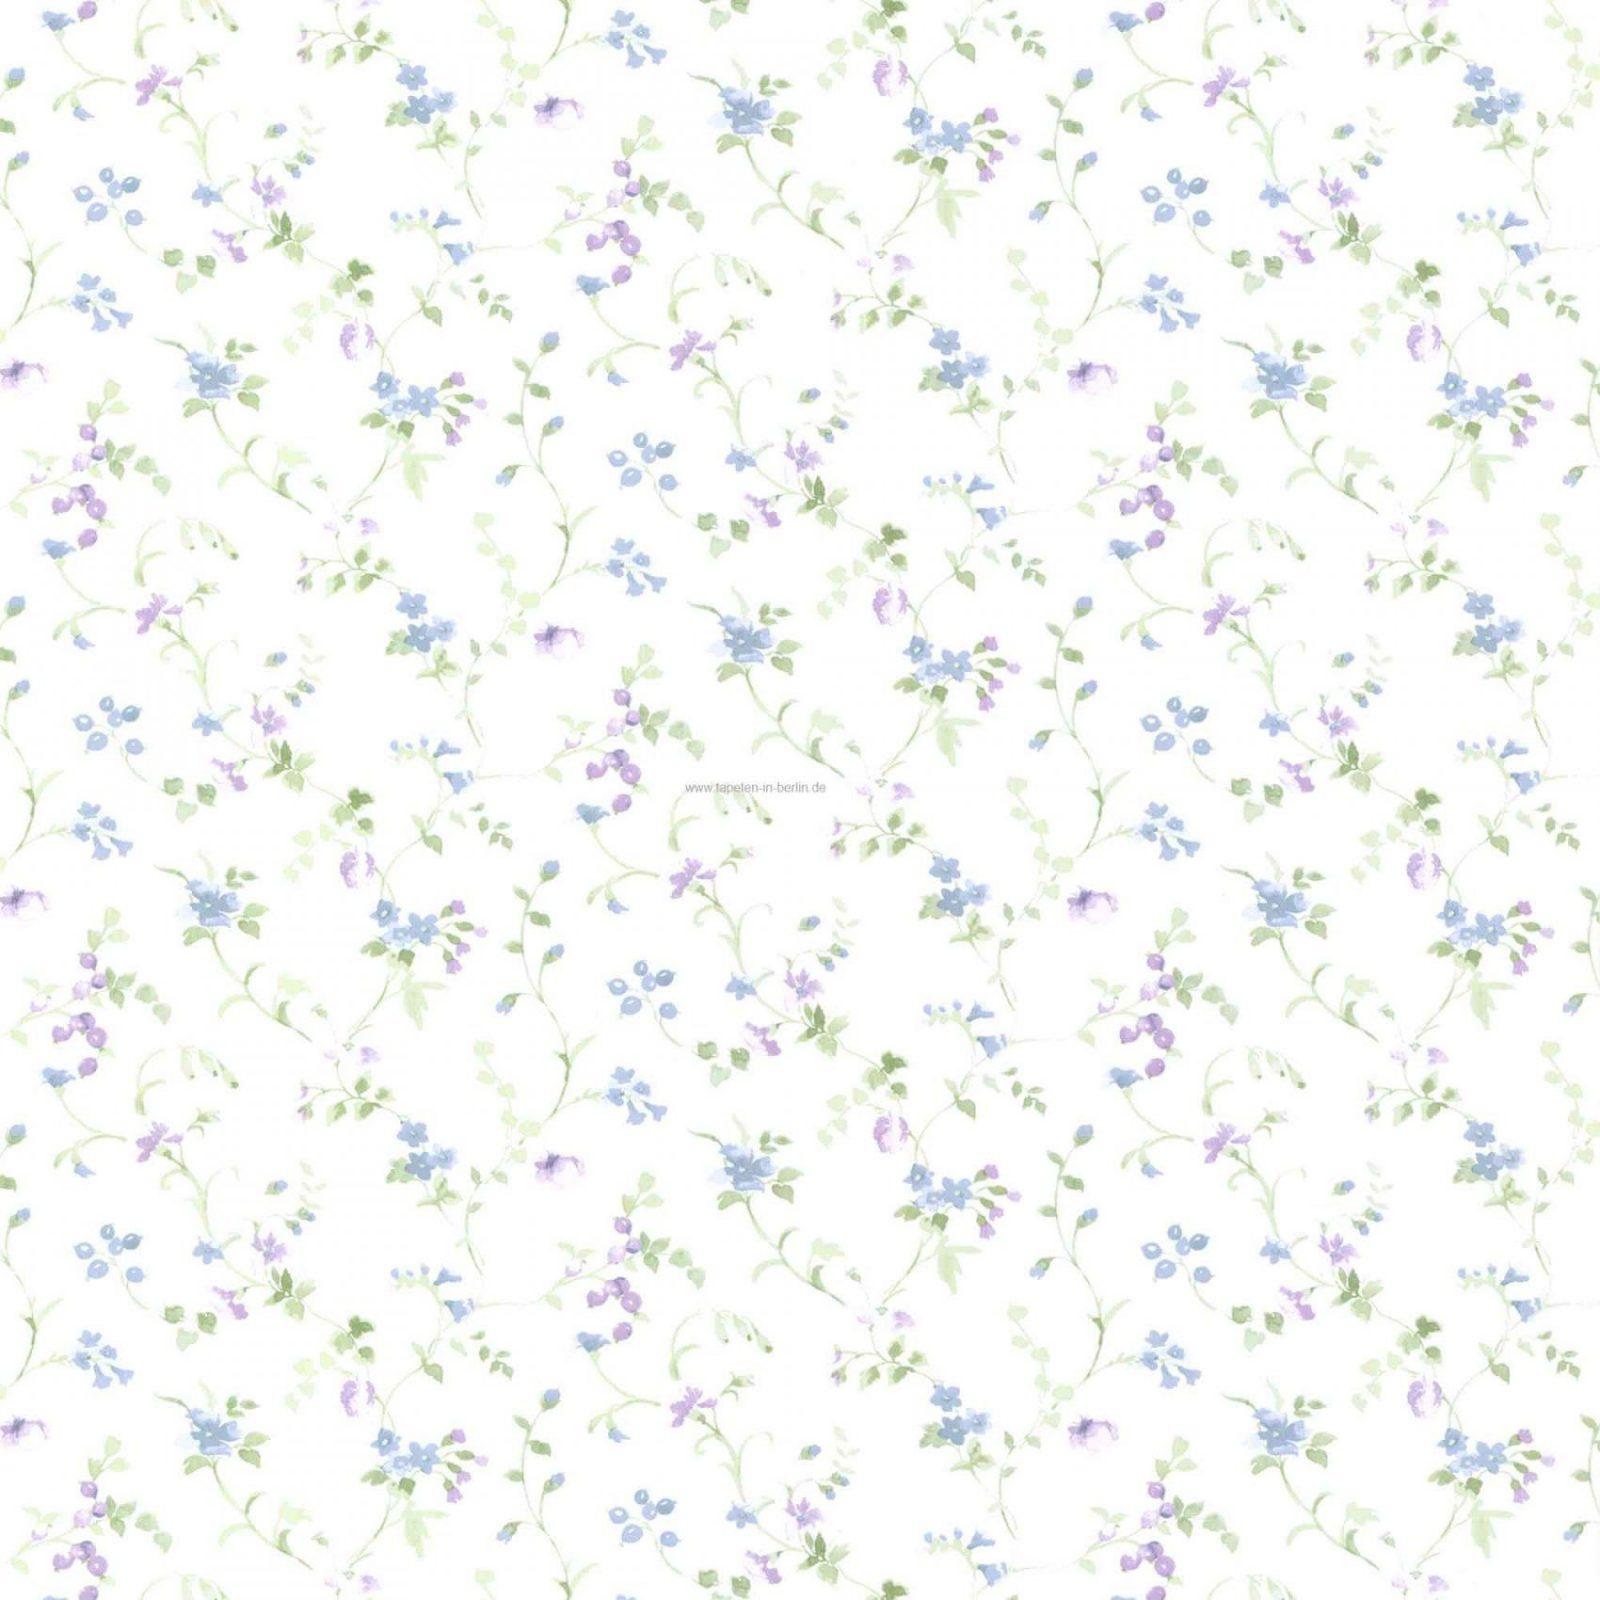 Blumen Tapete 7  Tapeten Mit Blumenmuster Online Kaufen von Tapete Landhaus Floral Blümchen Bild